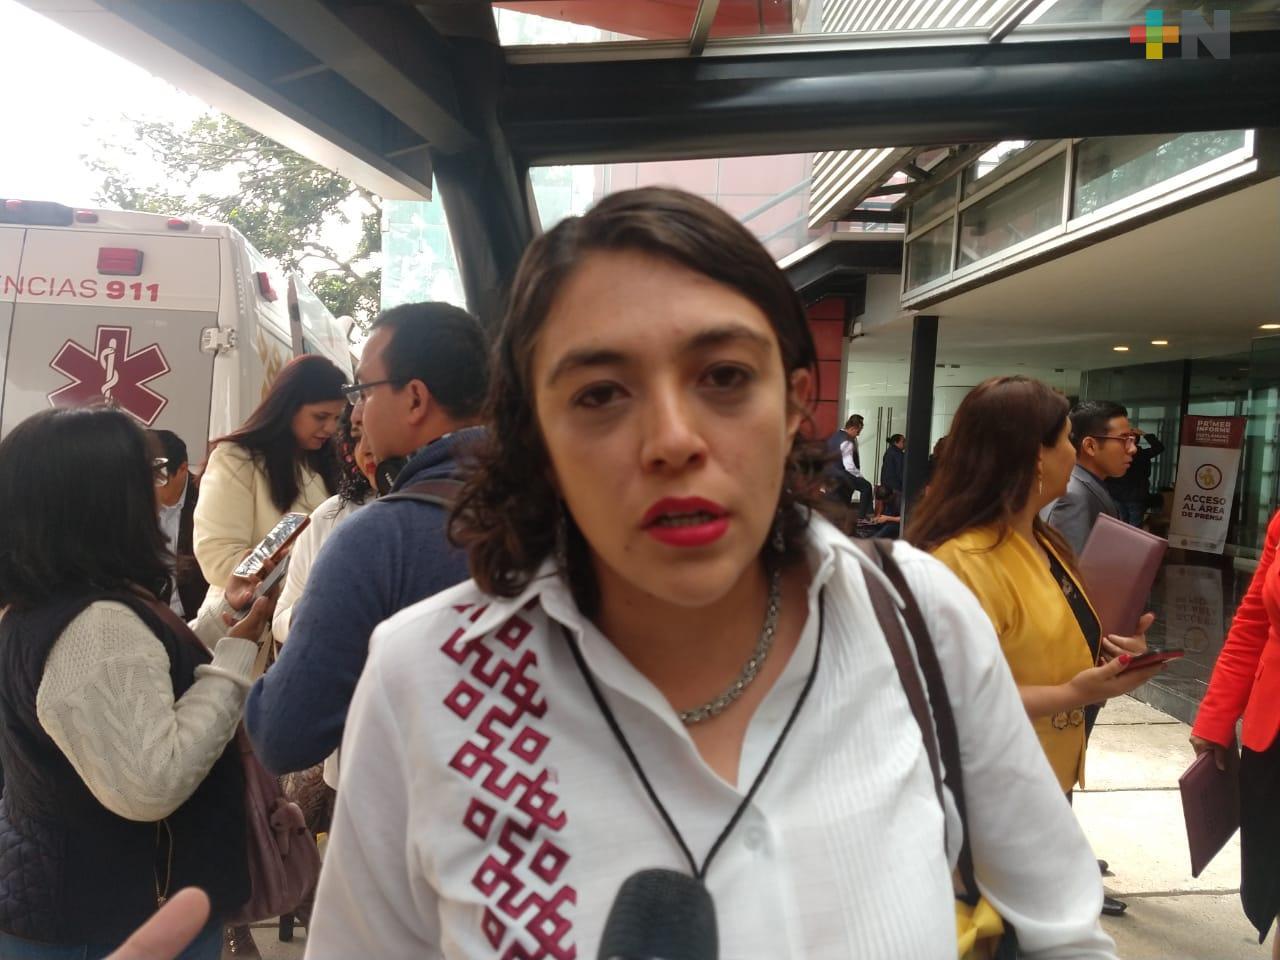 Administración de Yunes Linares gastó 13 mdp de más en despensas: Guadalupe Osorno